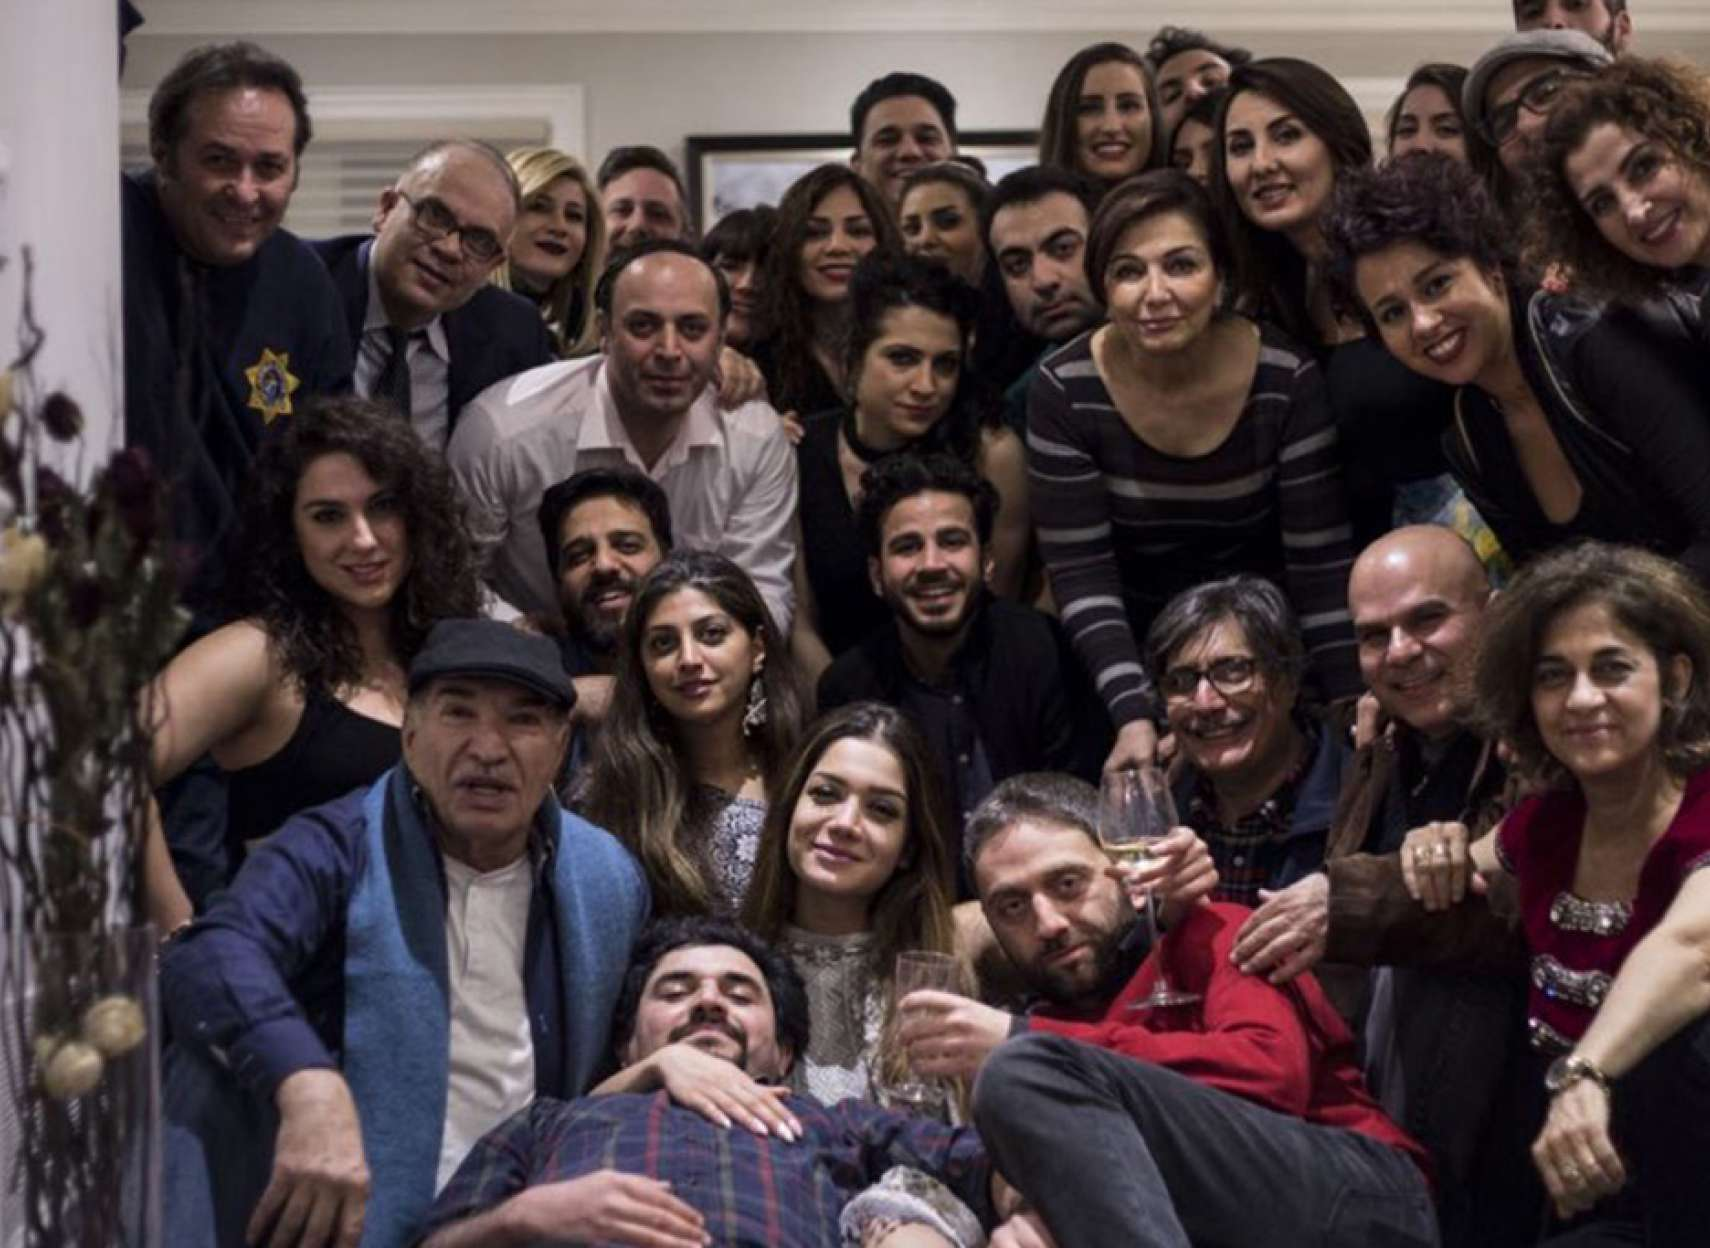 هنری-شیرازی-من-فیلم-پاندول-و-کسانی-که-برایش-عاشقانه-زیستند